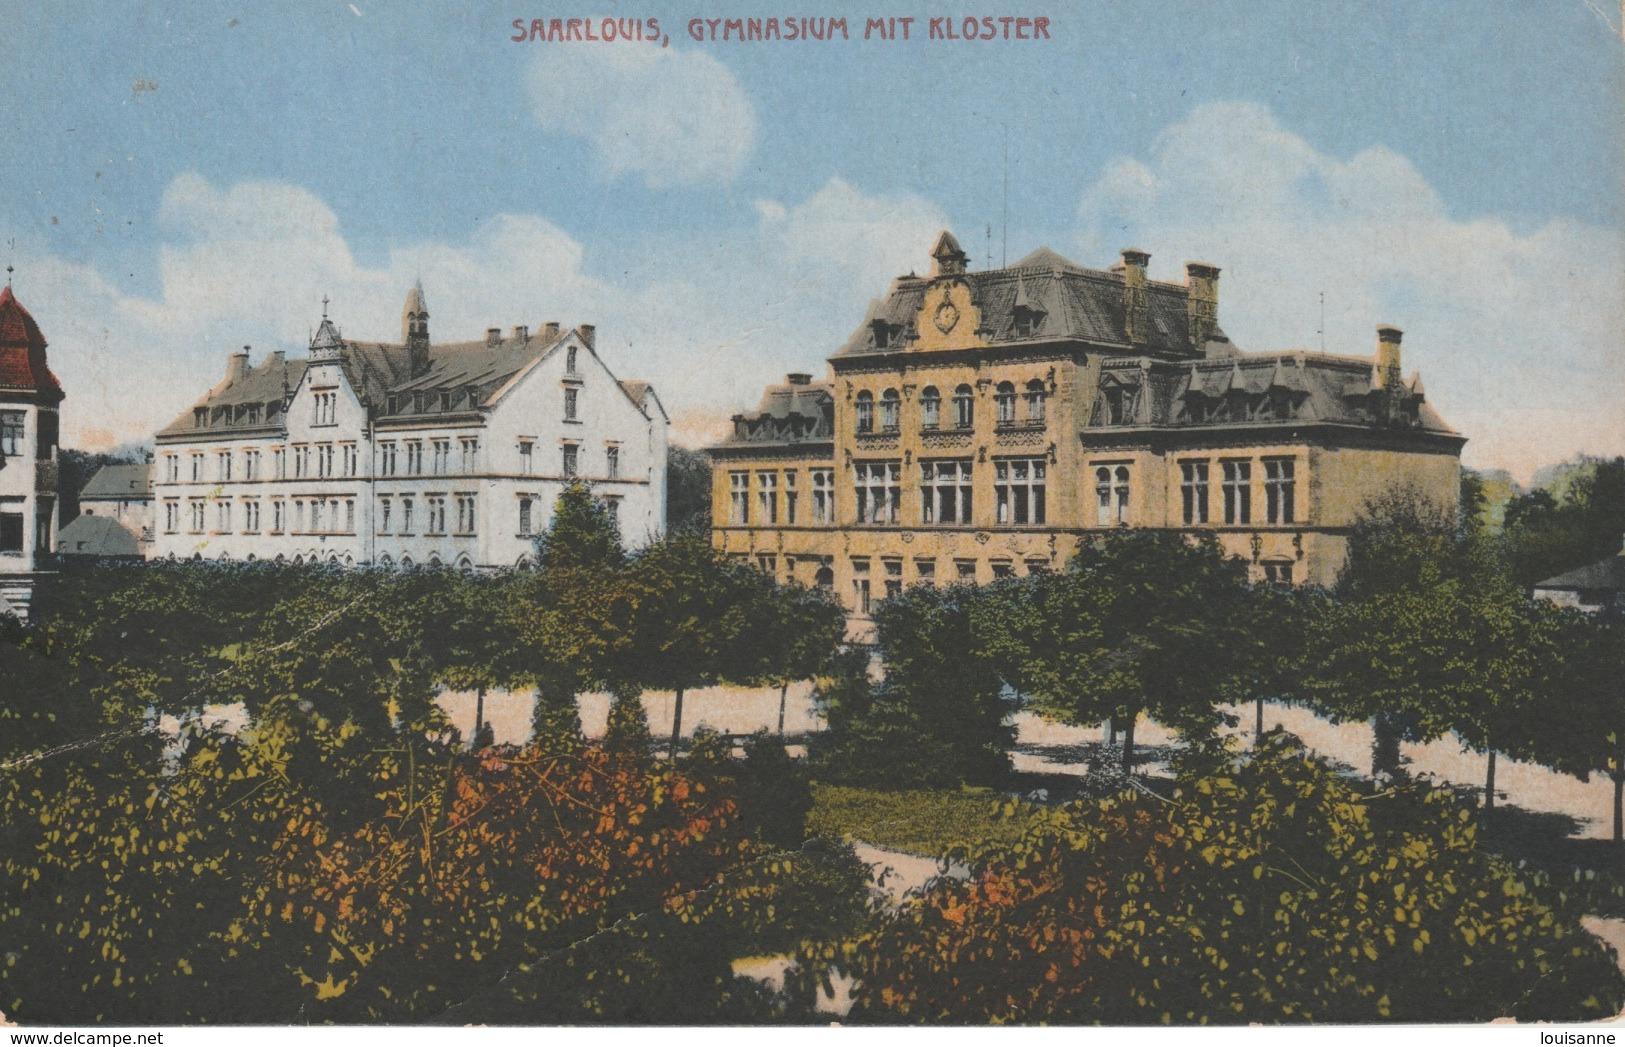 17 / 6 / 264  -    SAARLOUIS, GYMNASIUM  MIT  KLOSTER - Germania